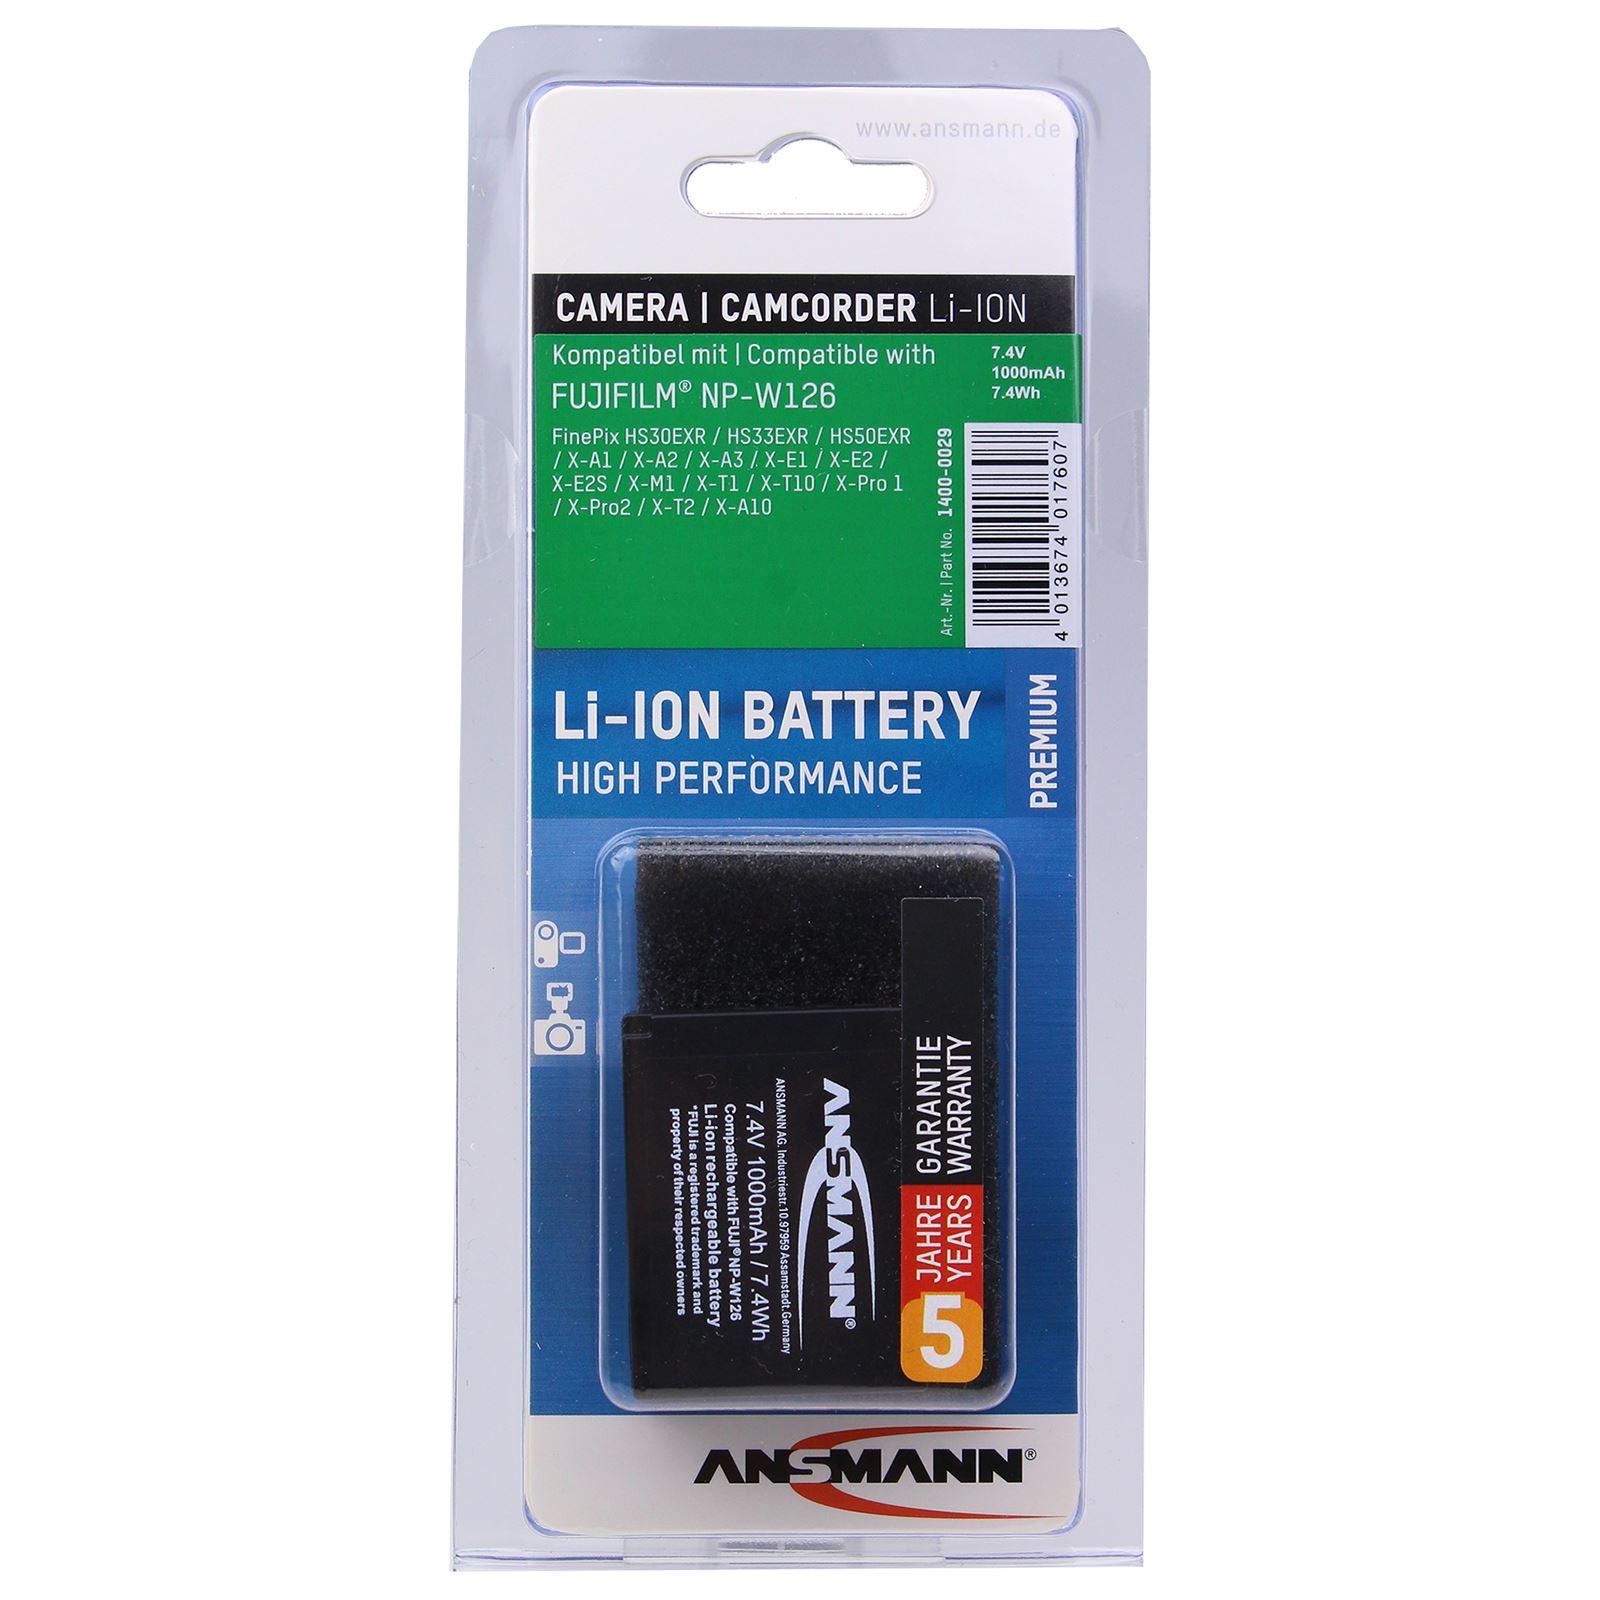 Ansmann Fuji NPW126 Battery